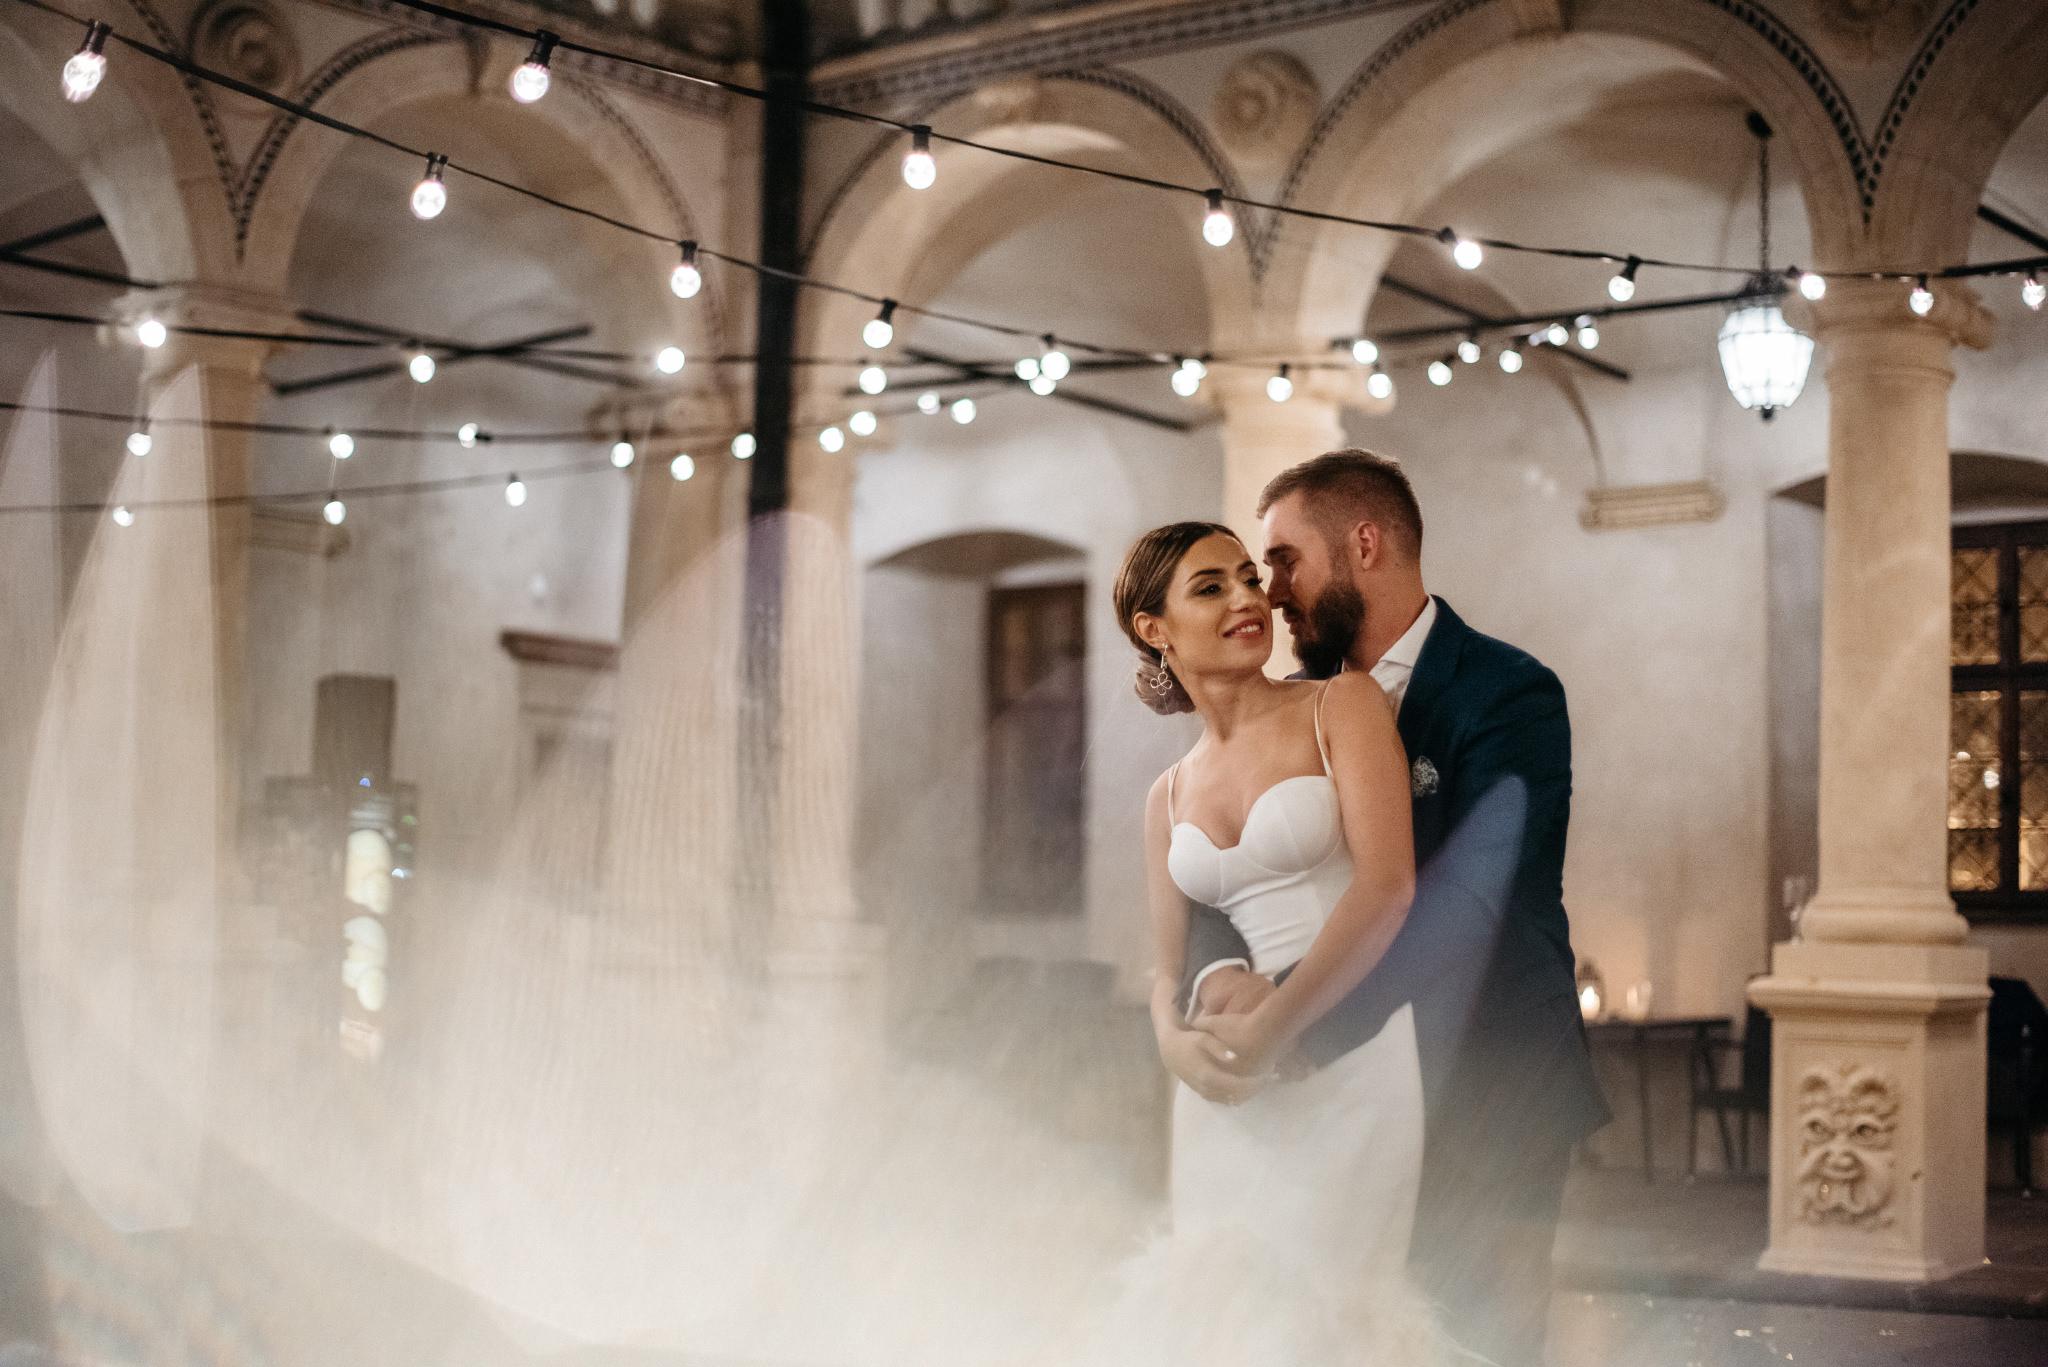 miłość, ślub, sesja, pocałunek, plenerowy slub w baranowie sandomierskim